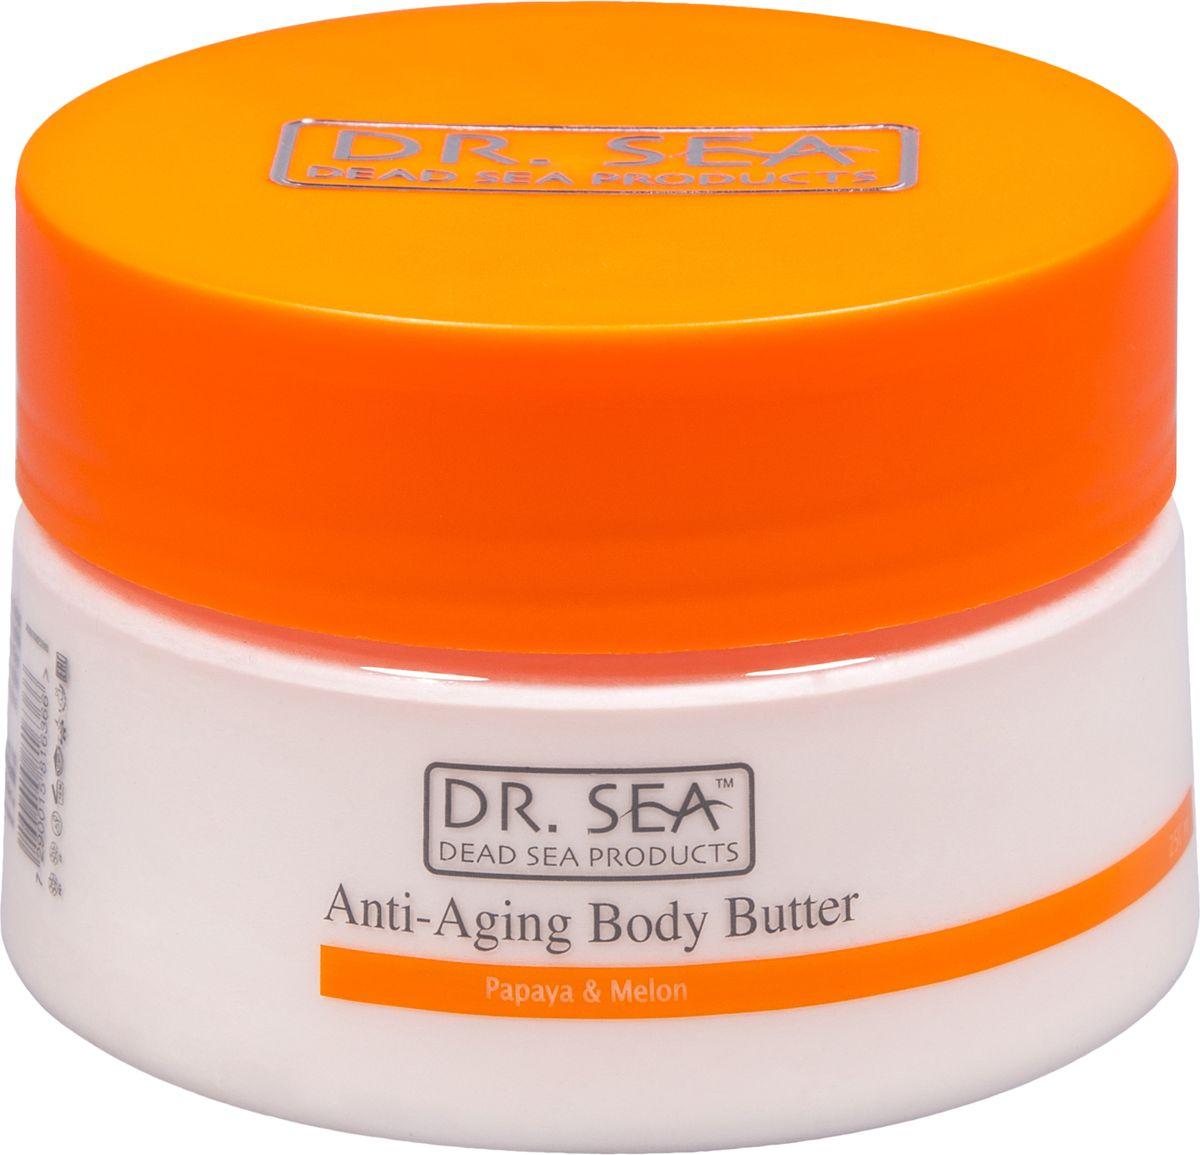 Dr.Sea Масло для тела против старения-папайя и дыня, 250 мл226Ежедневное применение масла для тела Dr. Sea позволяет коже эффективно противостоять процессу старения, повышает ее эластичность и упругость. Содержит минералы Мертвого моря, натуральные эфирные и растительные масла, а также витамины C и E, жирные кислоты омега-3 и омега-6. Способствует предотвращению растяжек, рекомендуется к применению в период диеты или беременности. Способ применения: после каждого принятия ванны или душа наносите на кожу массирующими движениями и втирайте до полного впитывания.Основу косметики Dr. Sea составляют минералы, грязи и органические вытяжки Мертвого моря, а также натуральные растительные экстракты. Косметические средства Dr. Sea разрабатываются и производятся исключительно на территории Израиля в новейших технологических условиях, позволяющих максимально раскрыть и сохранить целебные свойства природных компонентов. Ни в одном из препаратов не содержится парааминобензойная кислота (так называемый парабен), а в составе шампуней и гелей для душа не используется Sodium Lauryl Sulfate. Уникальность минеральной косметики Dr. Sea состоит в том, что все компоненты, входящие в рецептуру, натуральные. Сочетание минералов, грязи, соли и других натуральных составляющих, усиливают целебное действие и не дают побочных эффектов. Характеристики:Объем: 250 мл. Производитель: Израиль. Товар сертифицирован.